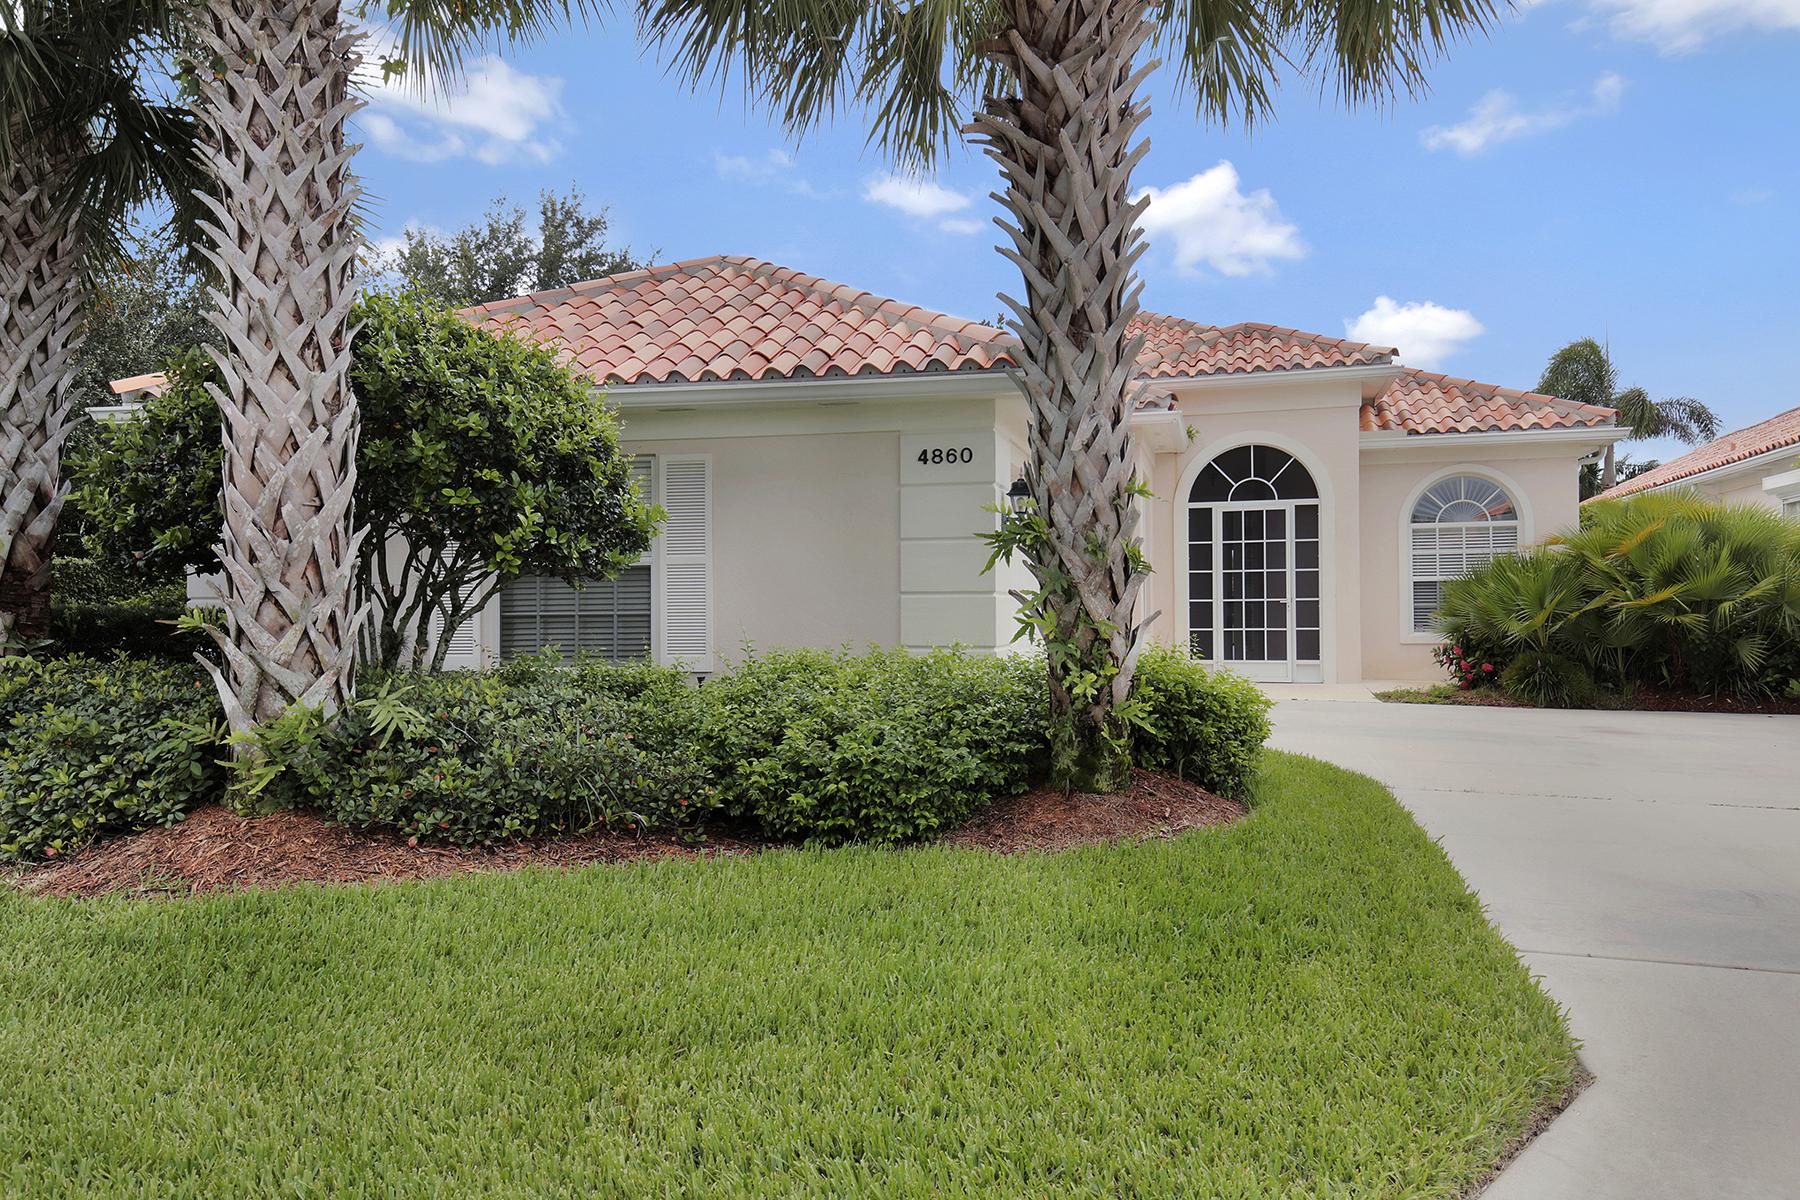 独户住宅 为 销售 在 VILLAGE WALK 4860 San Pablo Ct Naples, 佛罗里达州 34109 美国